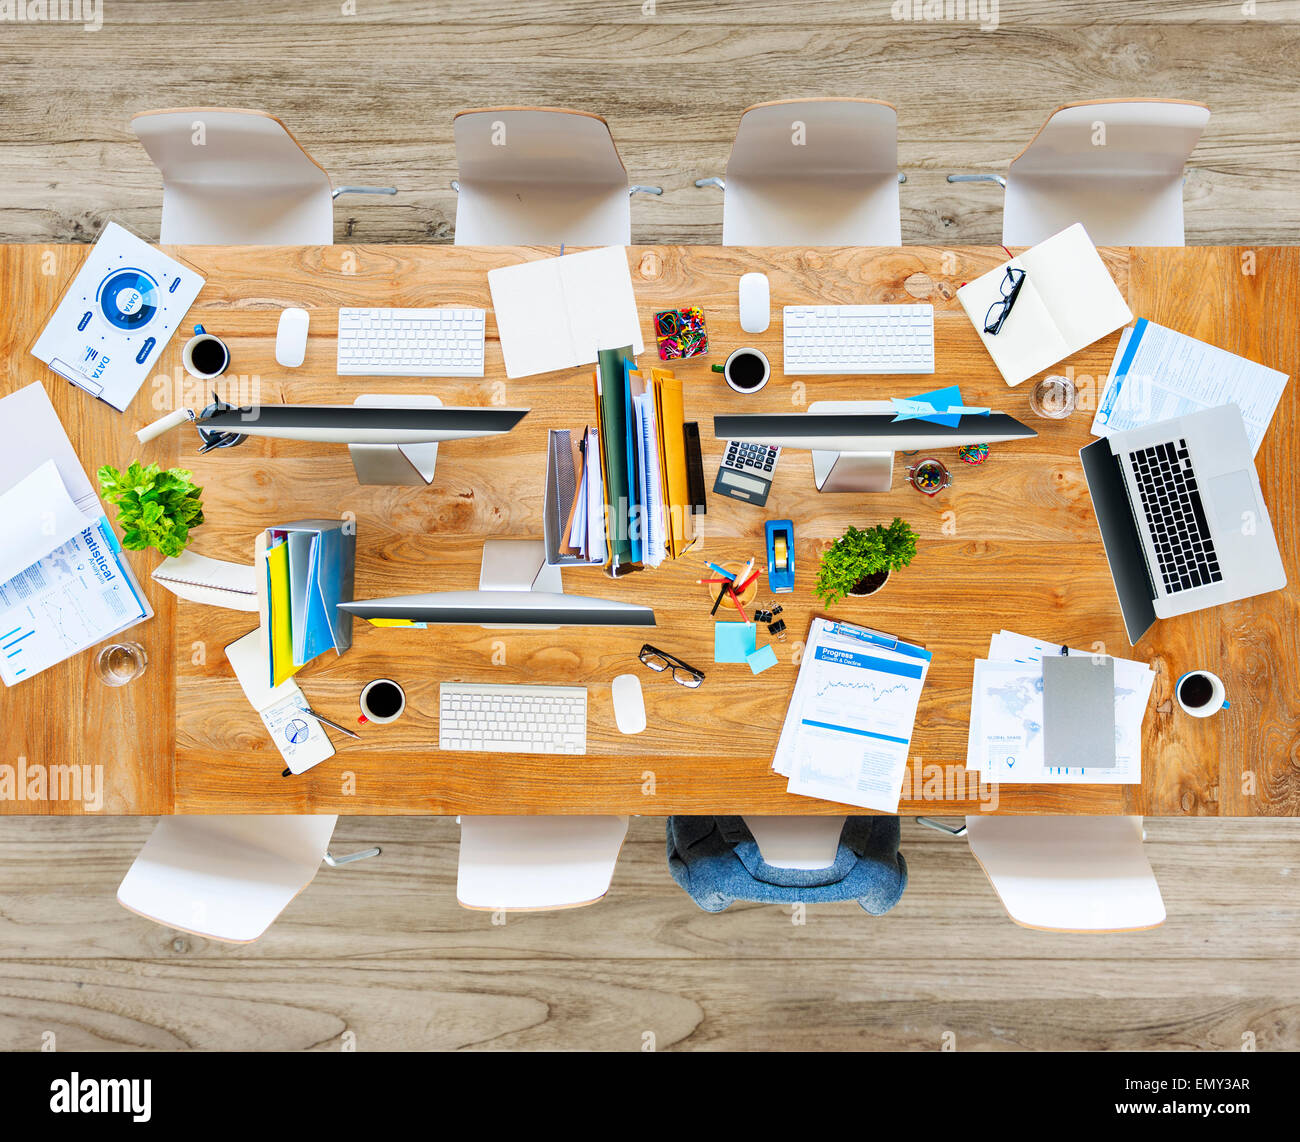 Unordentliche Büro ohne Personen Stockbild